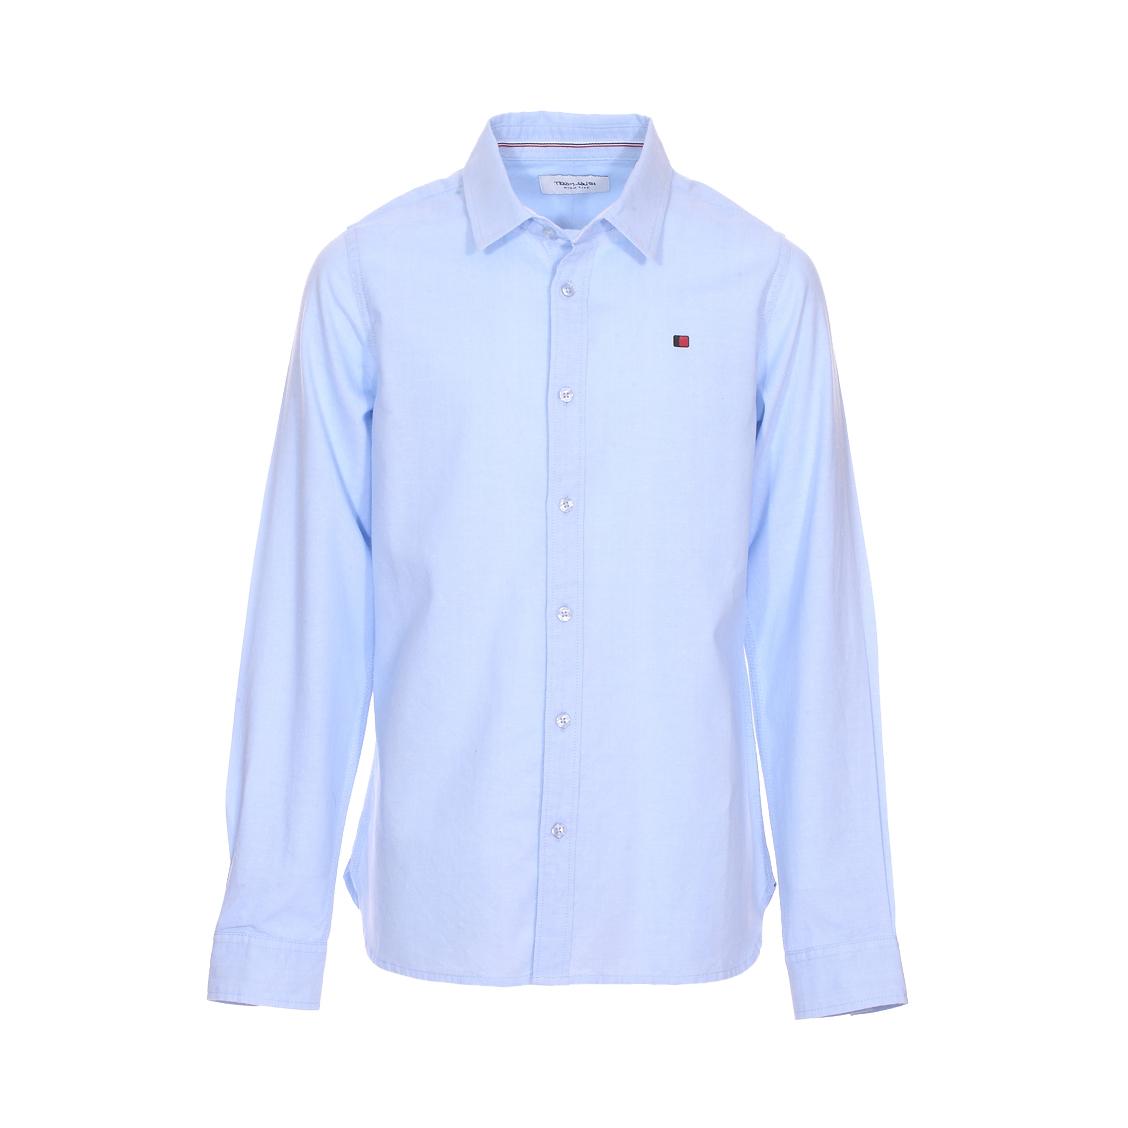 Chemise  cart en coton bleu ciel